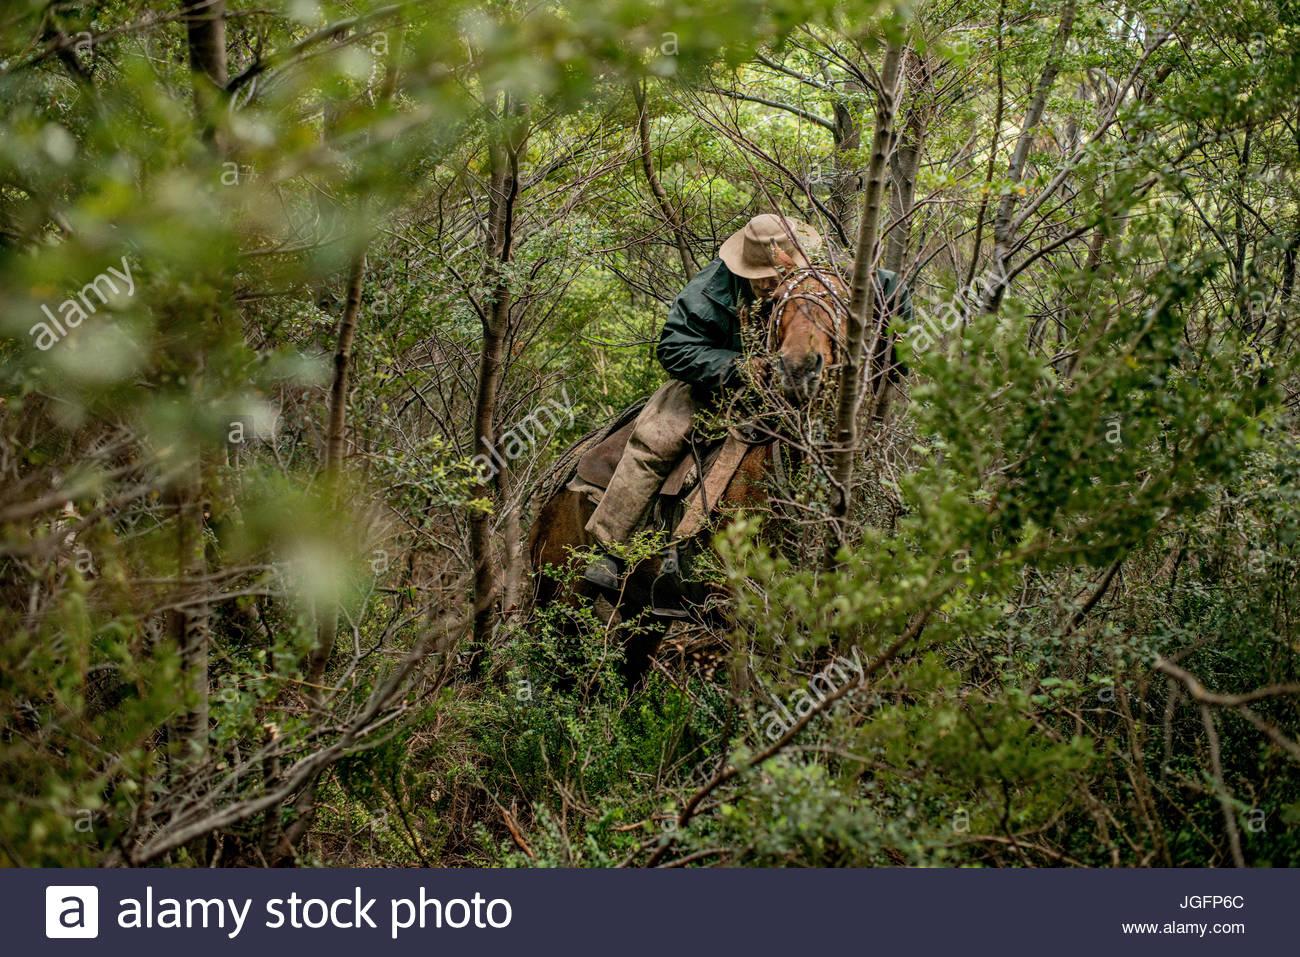 Un bagualero, un cow-boy qui capture les animaux sauvages, détourne un sentier à travers la forêt Photo Stock